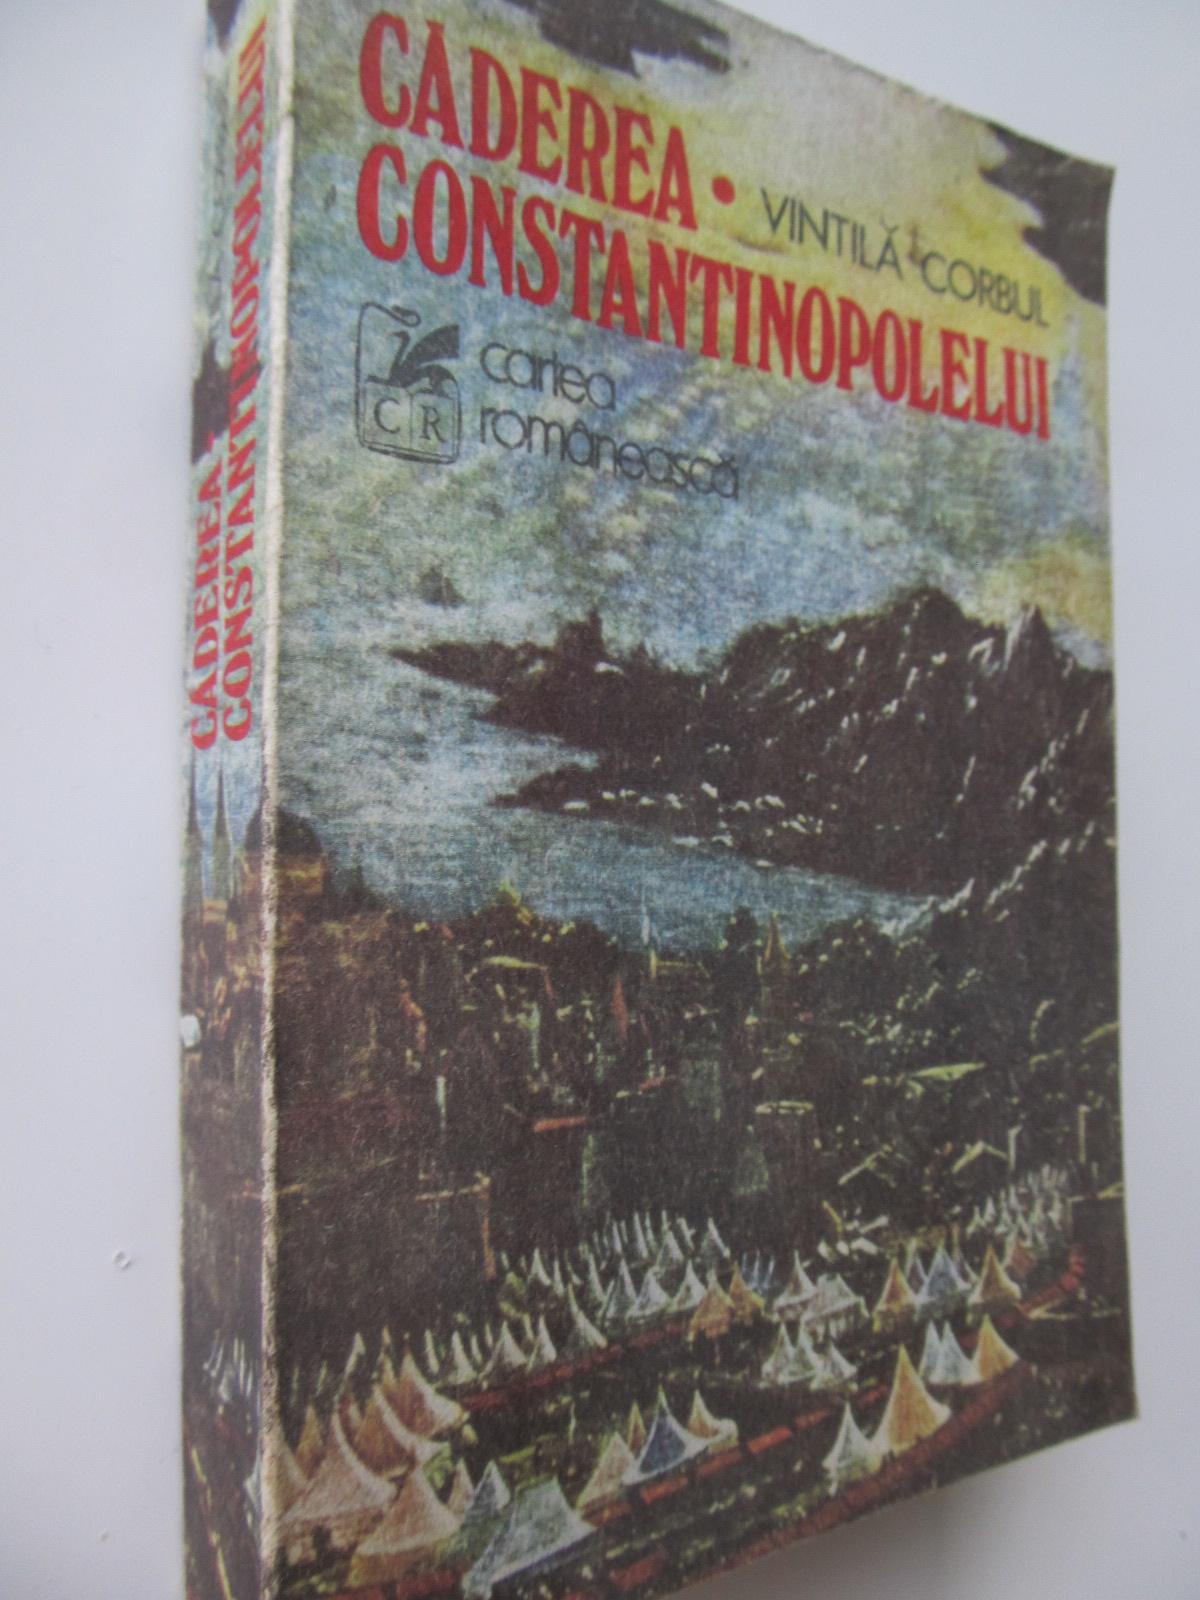 Caderea Constantinopolelui (vol. 1) - Vintila Corbul | Detalii carte